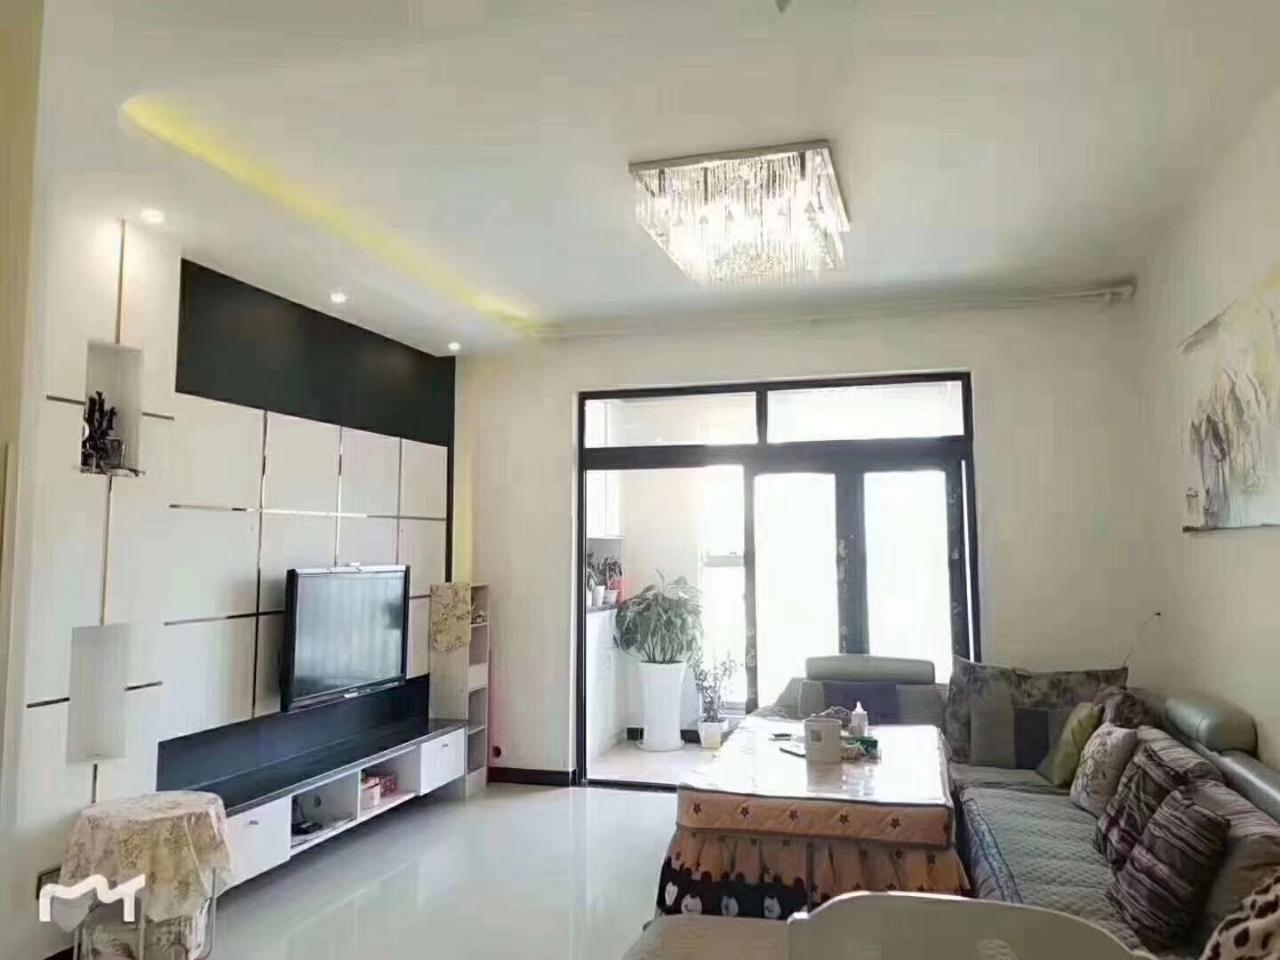 晋鹏·山台山3室 2厅 2卫69.8万元